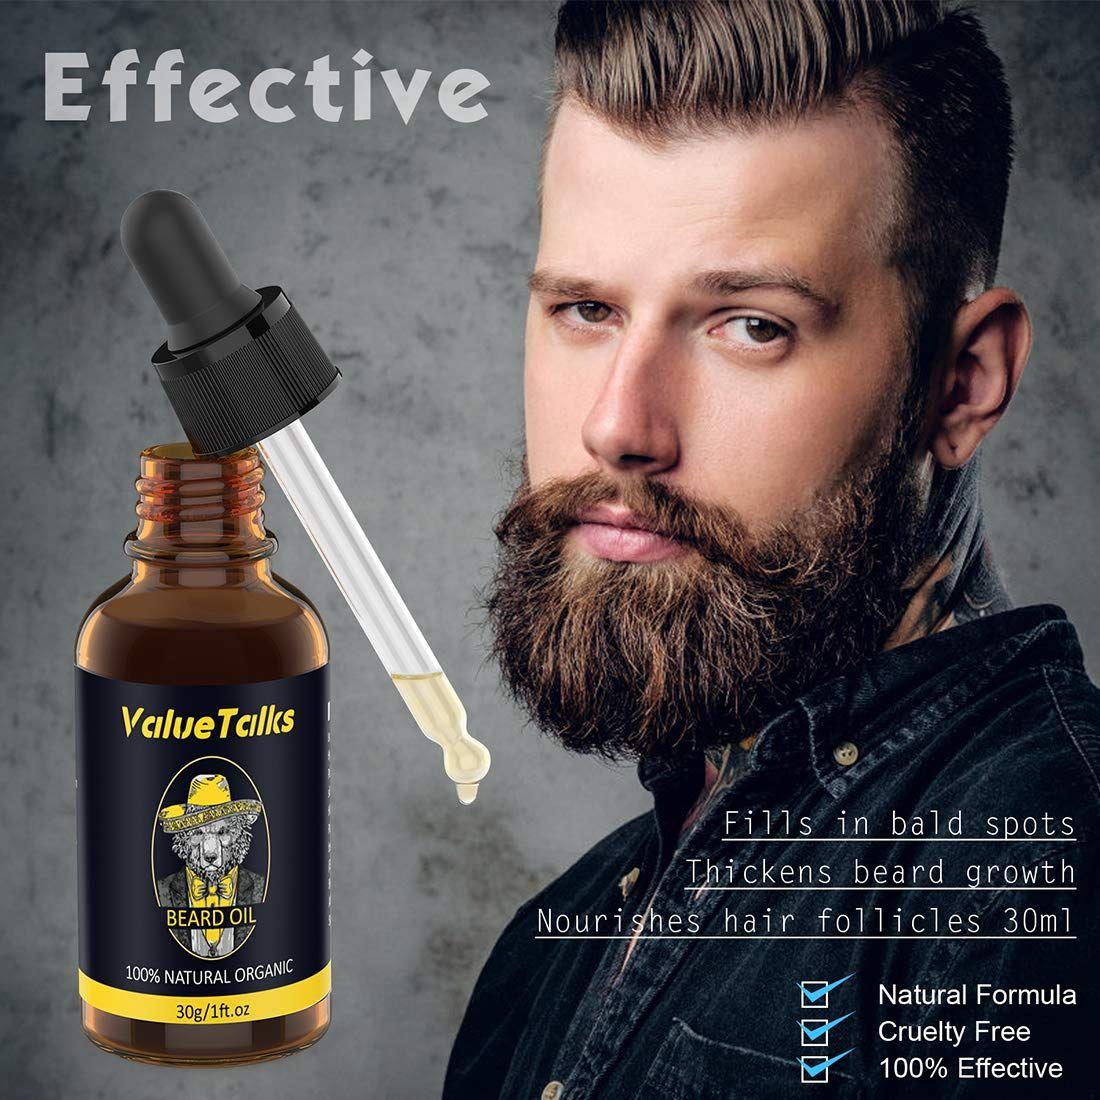 100 Natural Beard Oil,Beard Care Kit for Men Includes